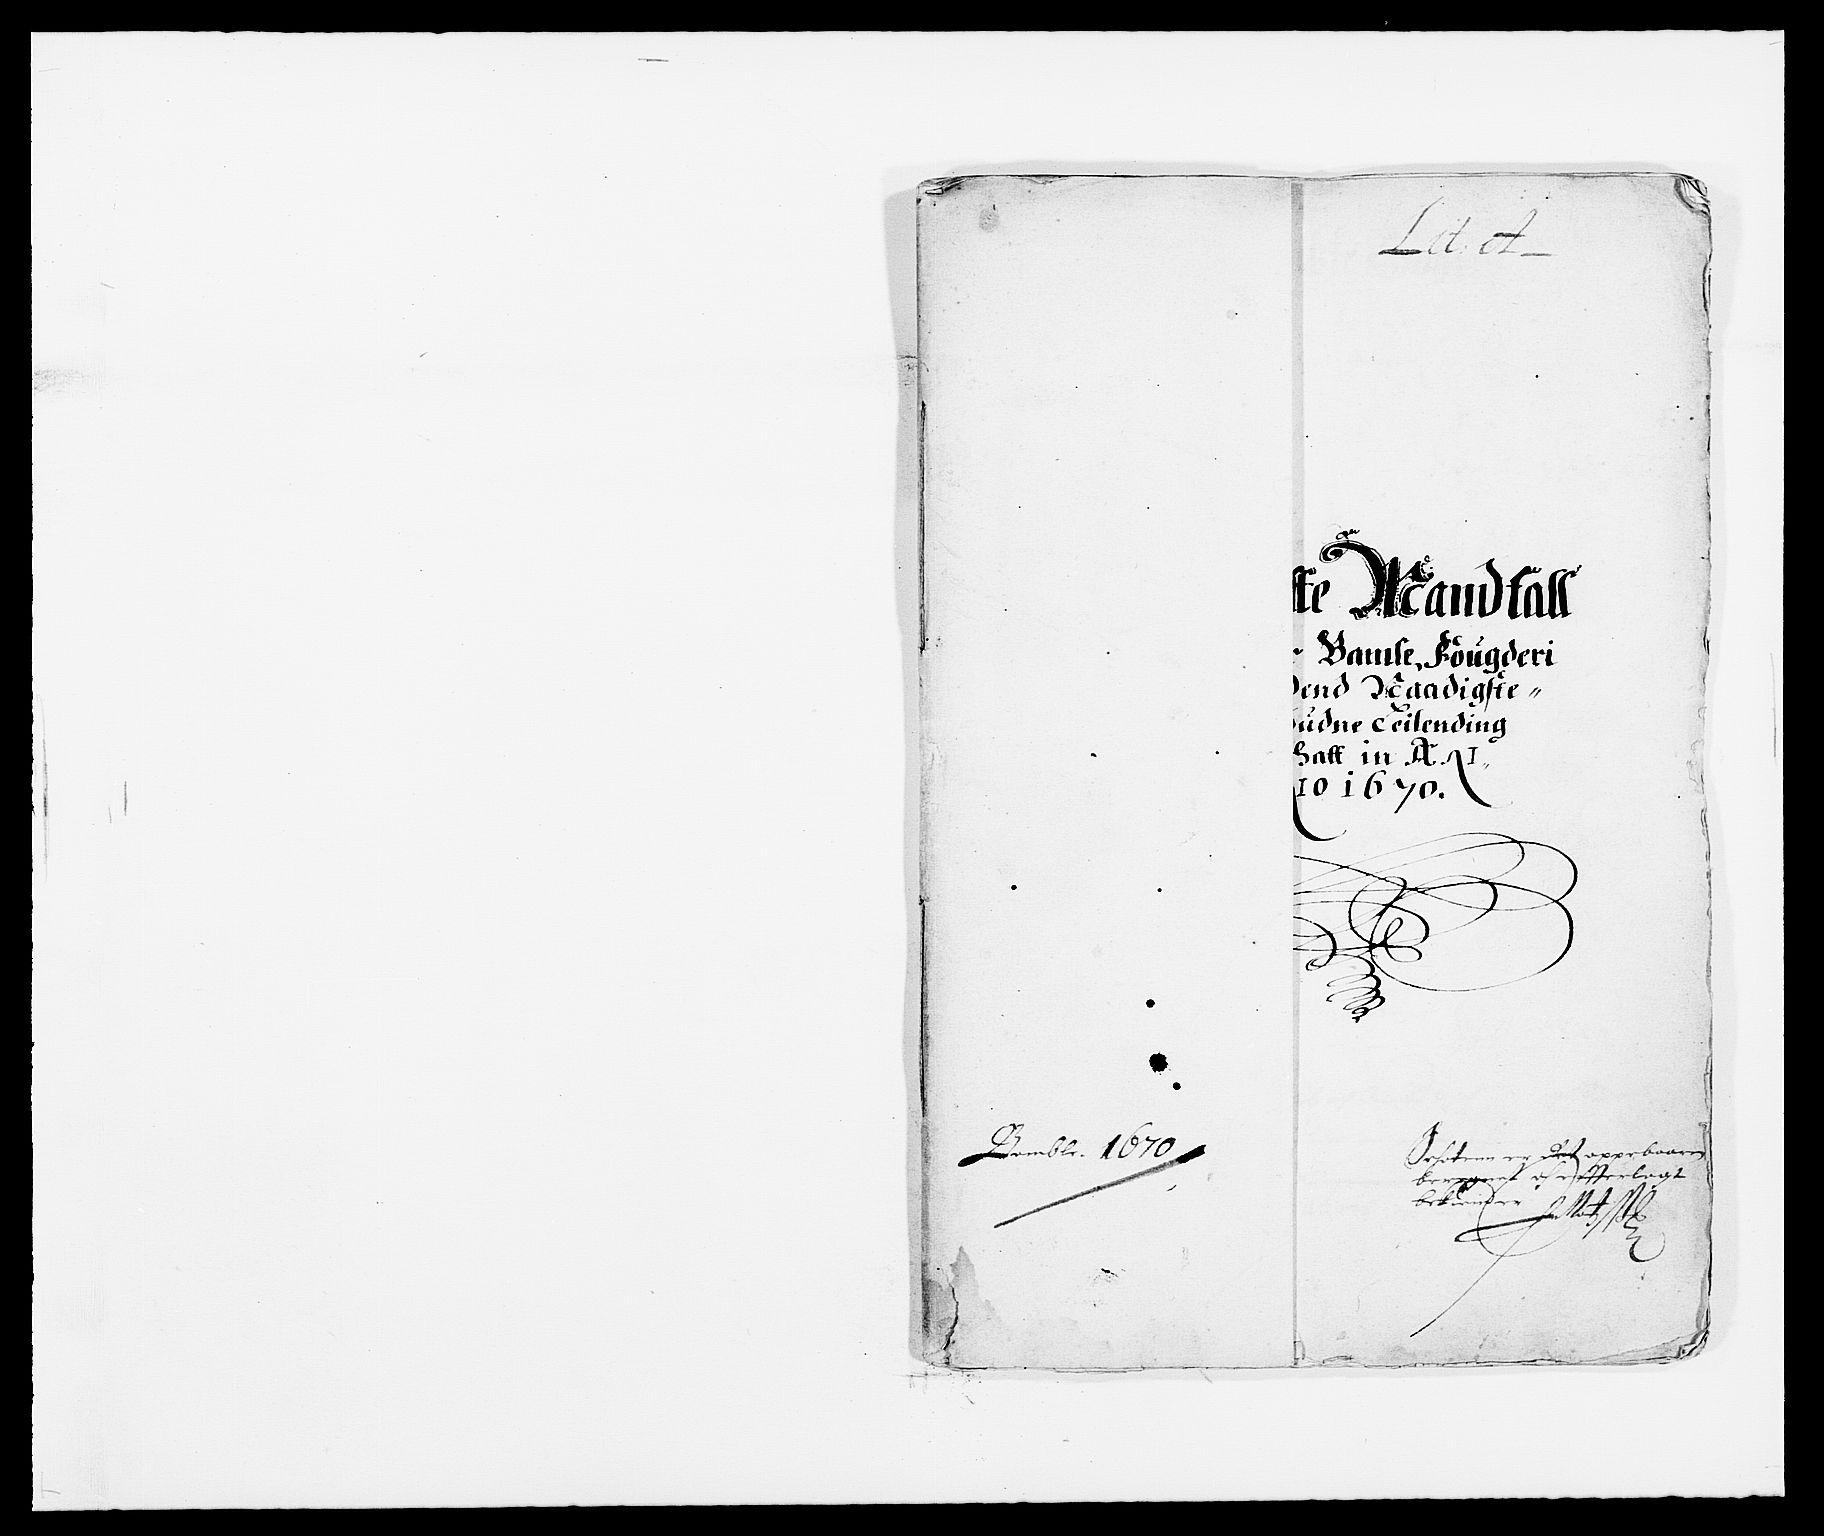 RA, Rentekammeret inntil 1814, Reviderte regnskaper, Fogderegnskap, R34/L2041: Fogderegnskap Bamble, 1670-1672, s. 4